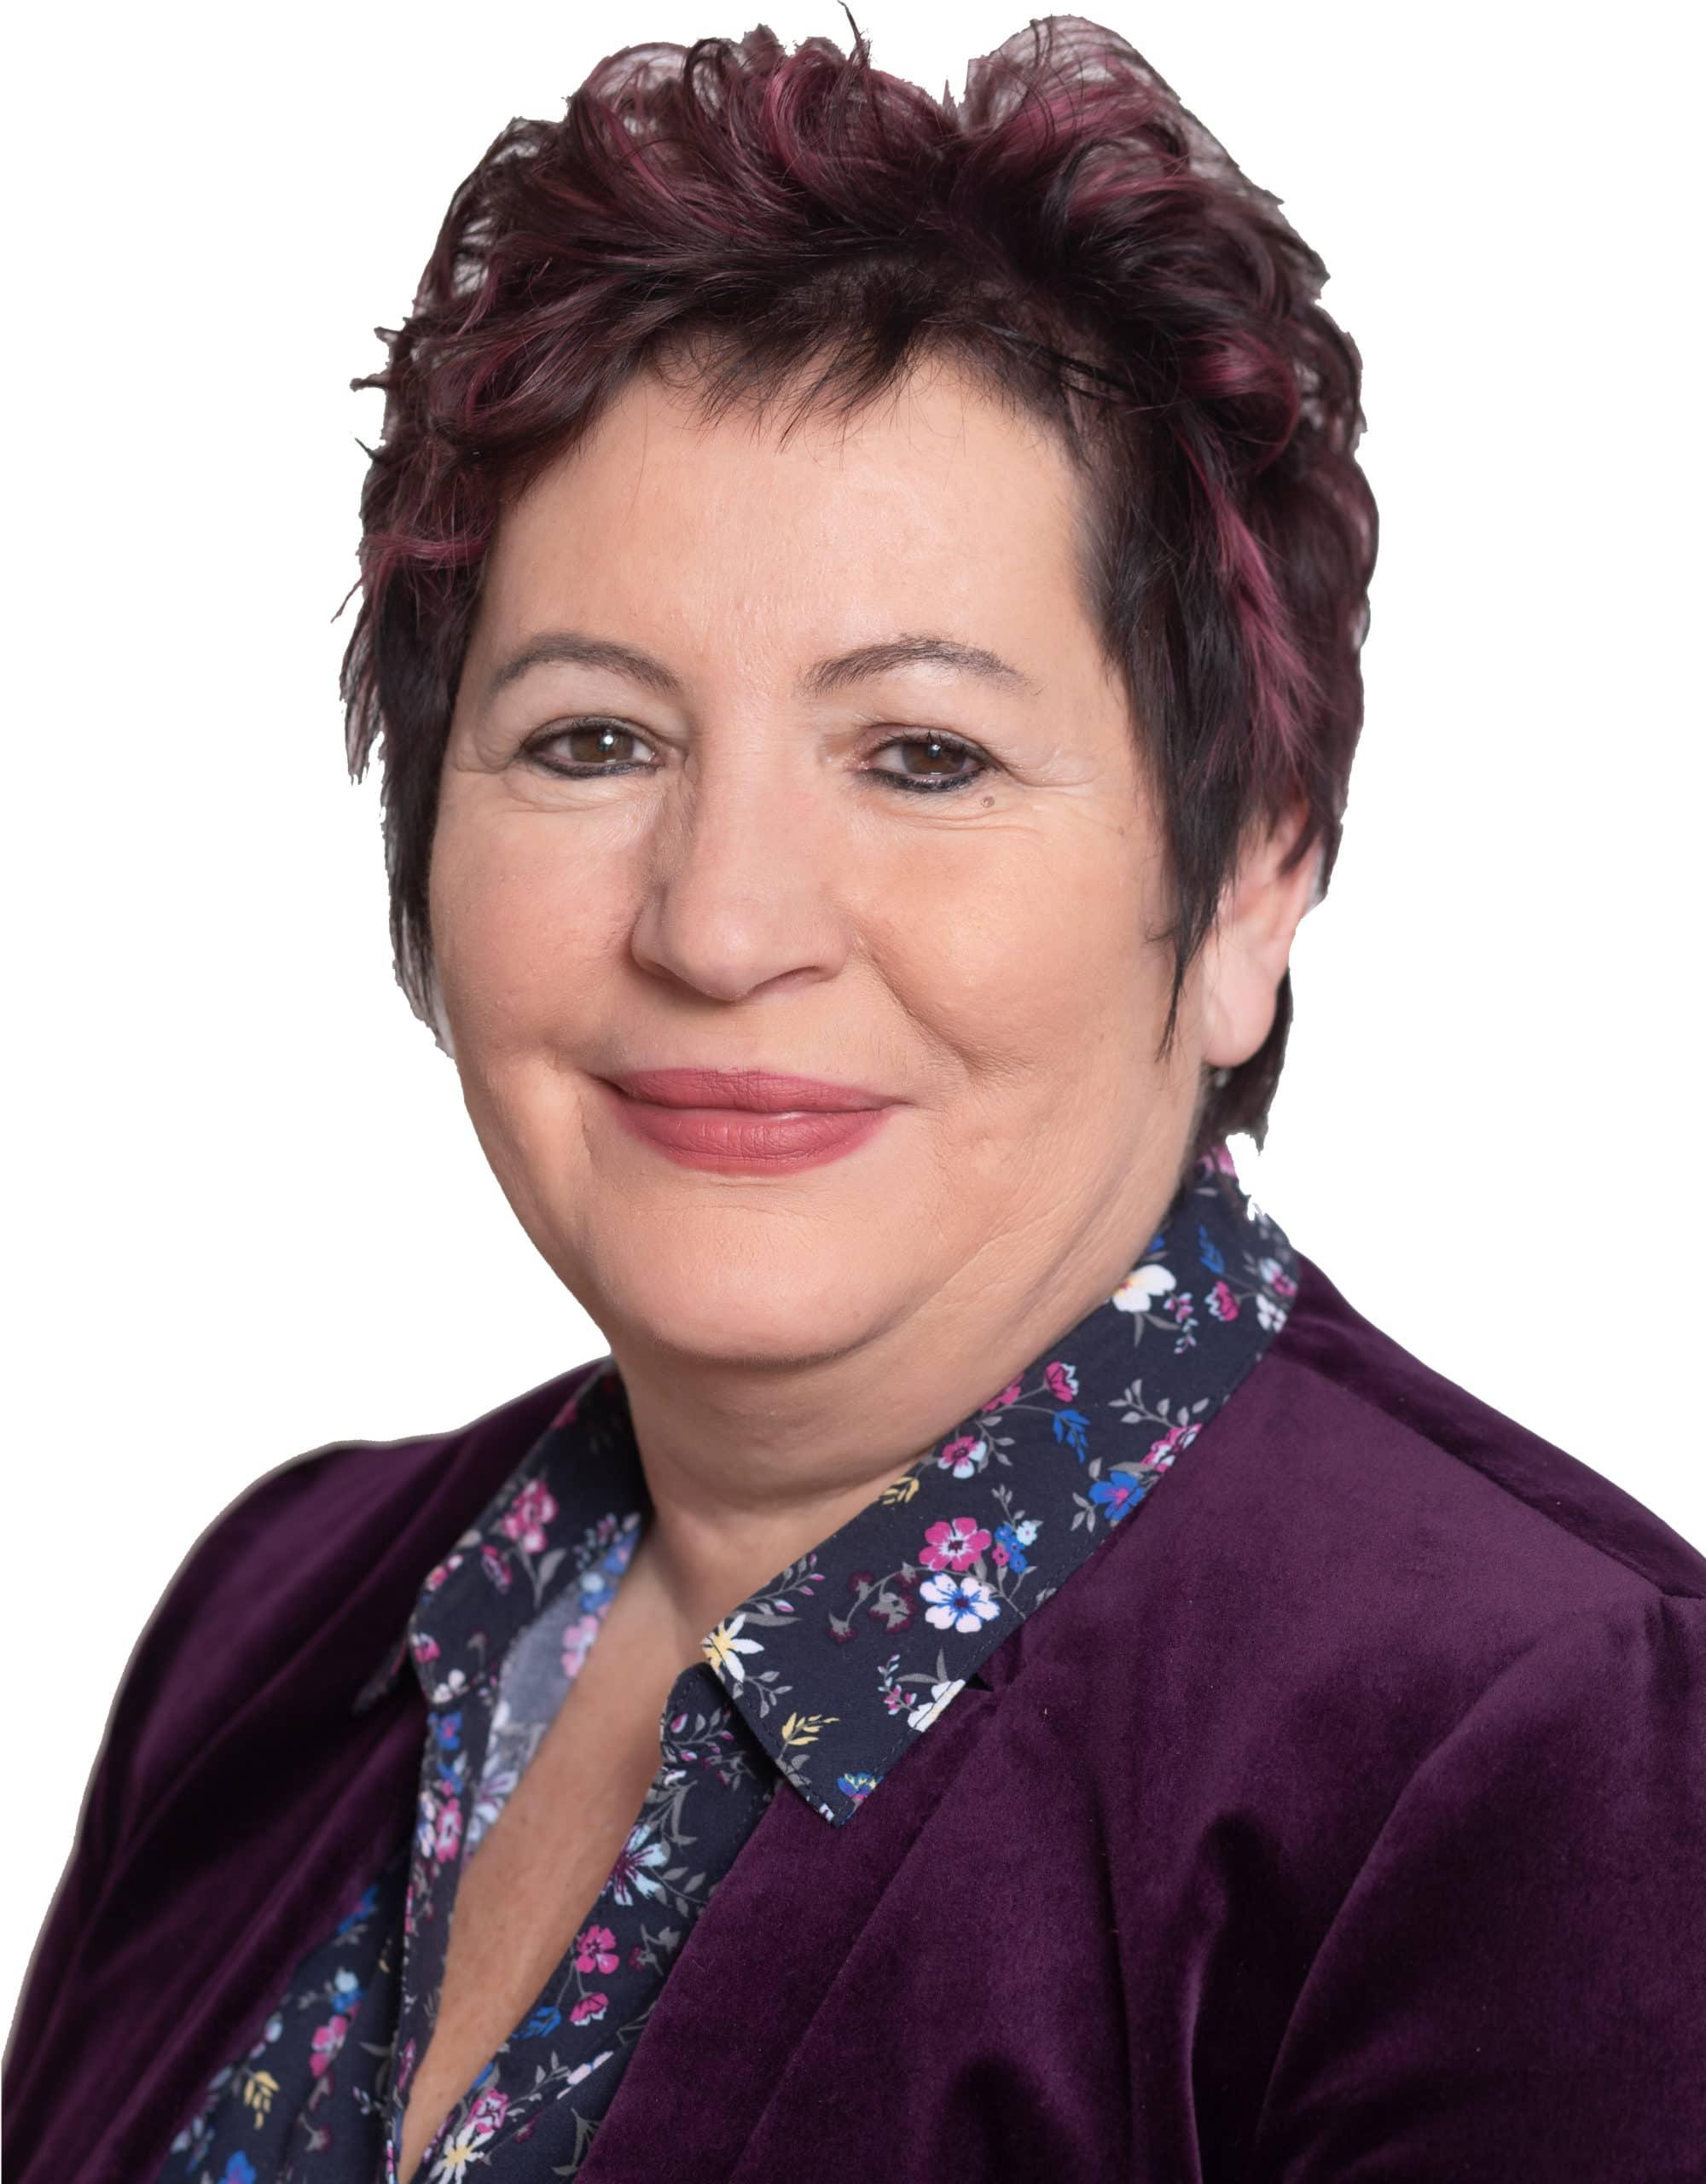 Judith Liechti